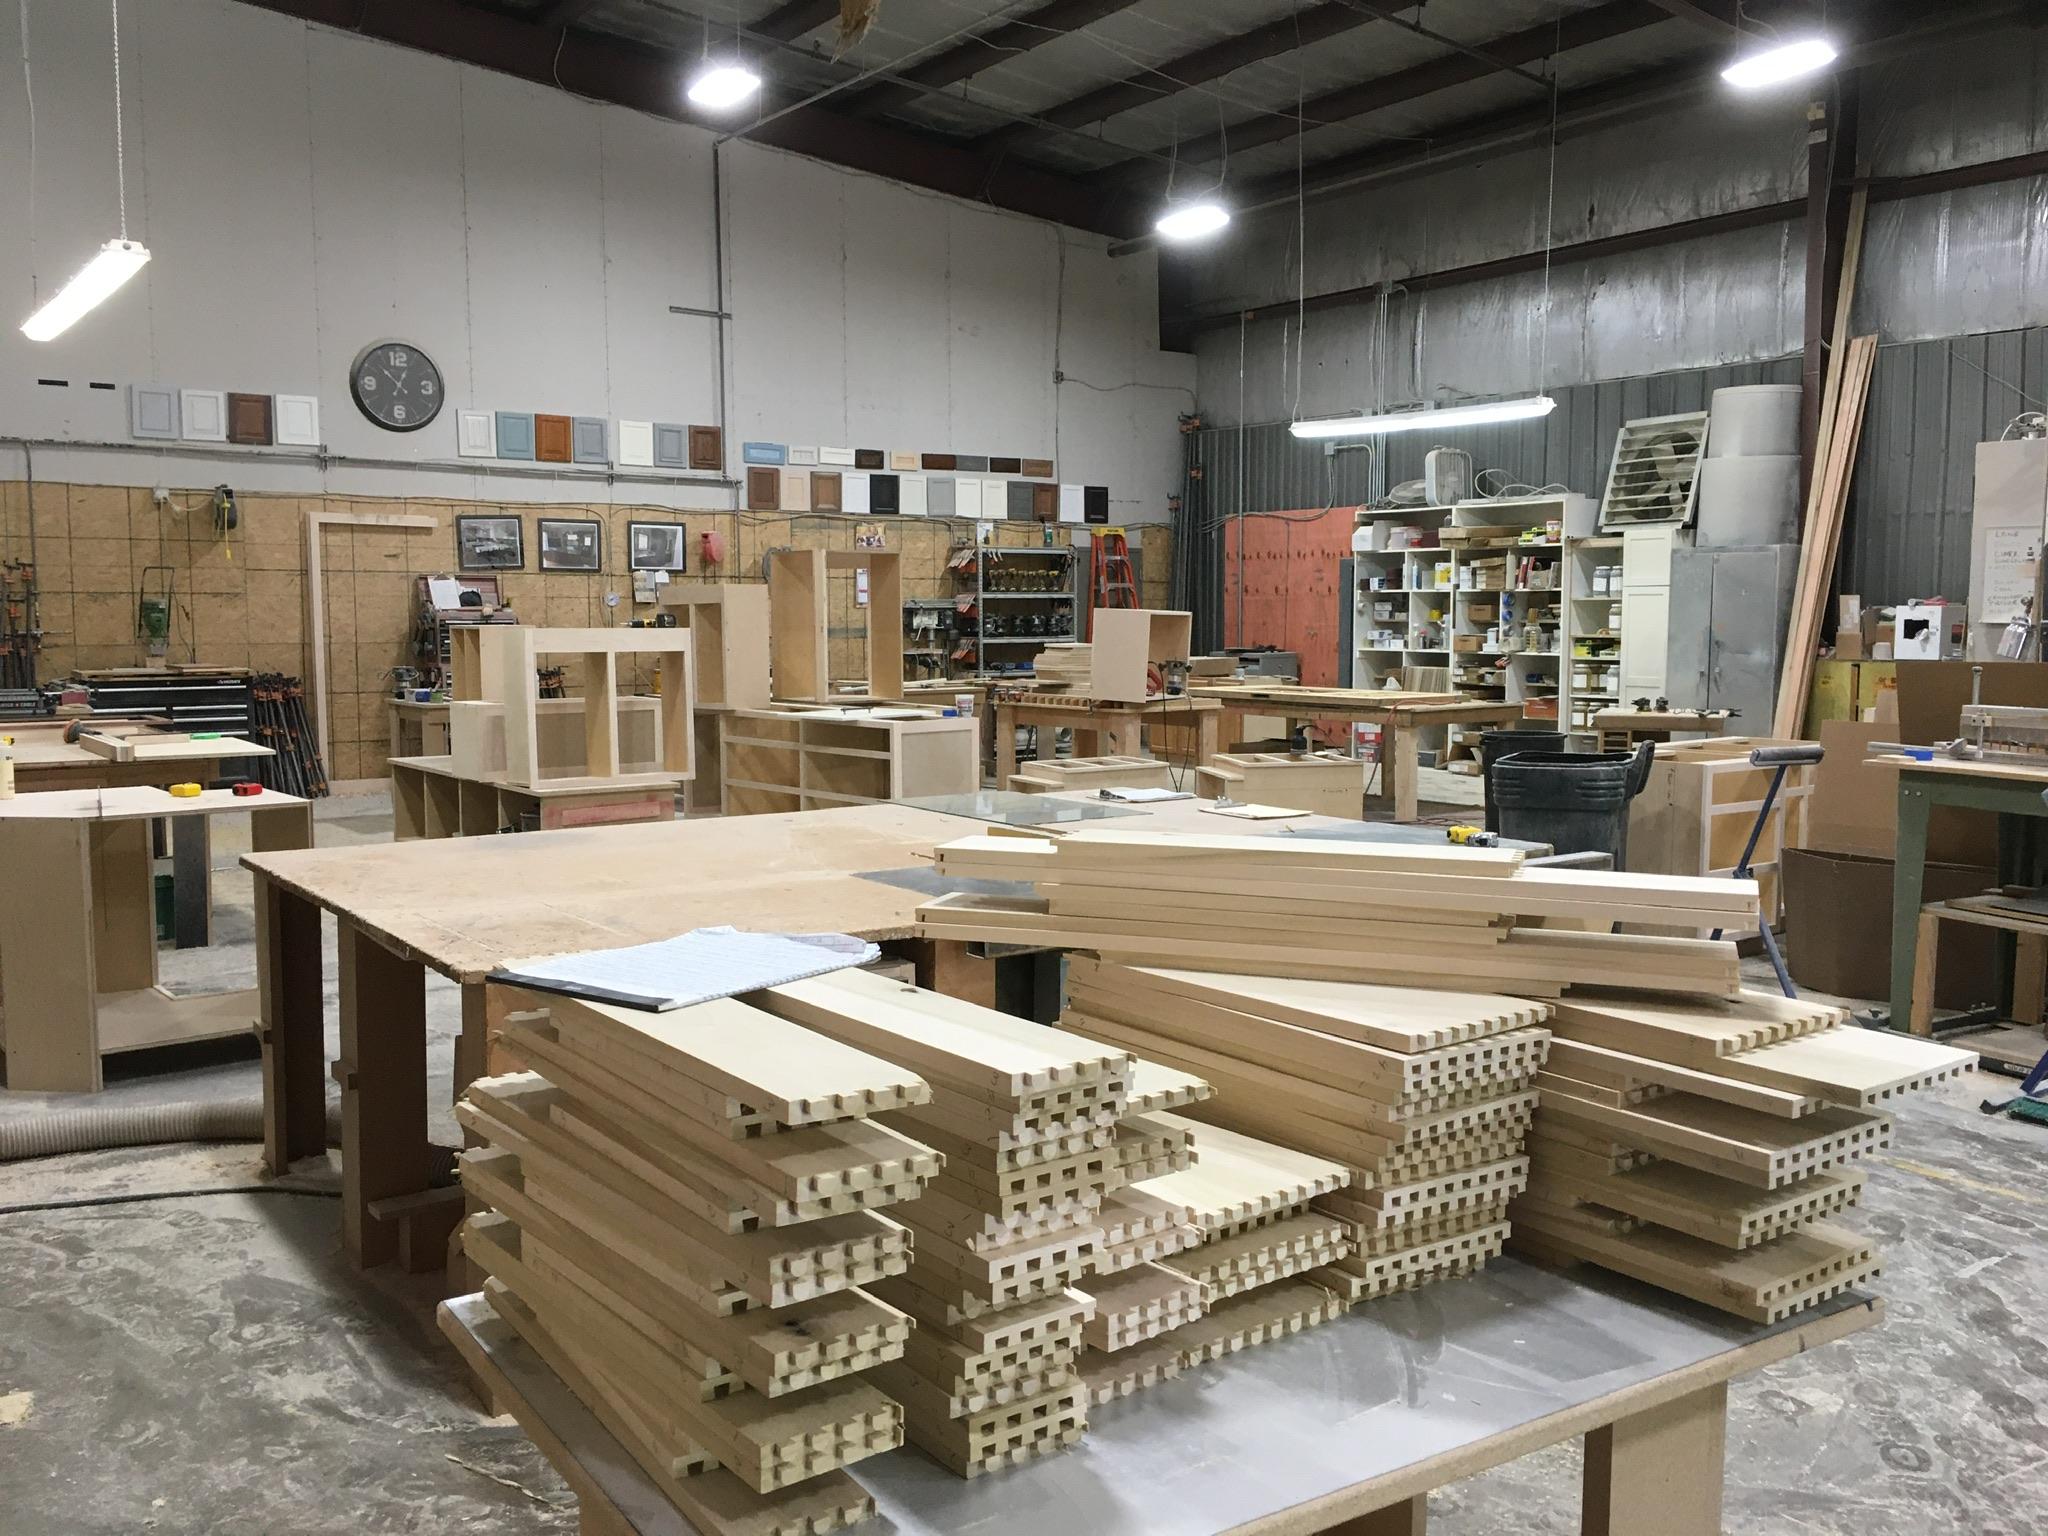 KS Cabinetry Workshop